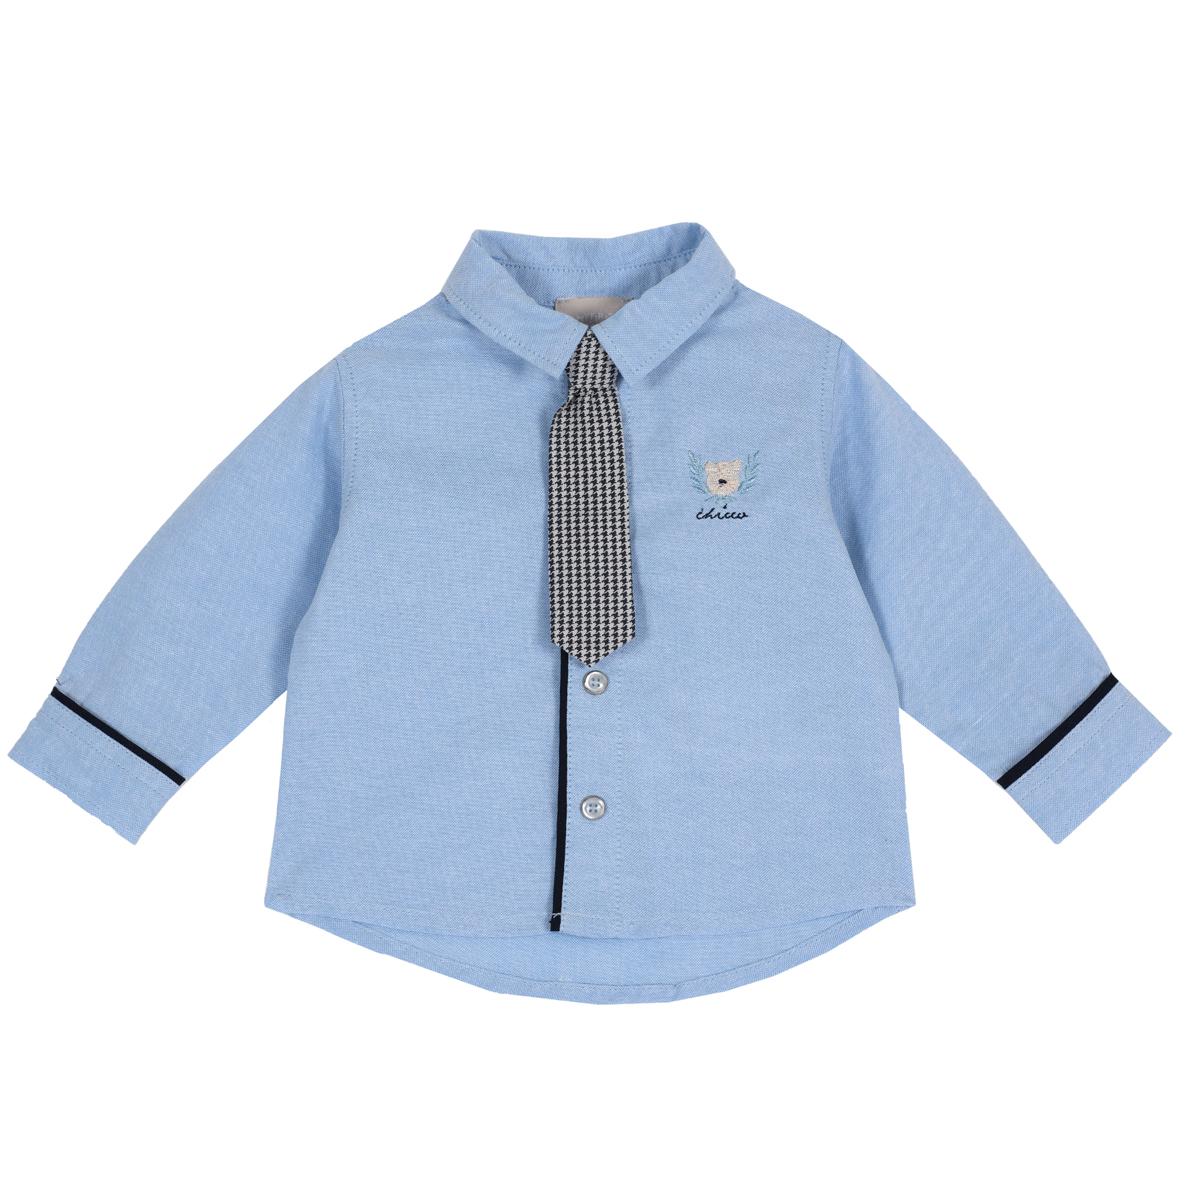 Camasa copii eleganta Chicco, cravata carouri, 54487